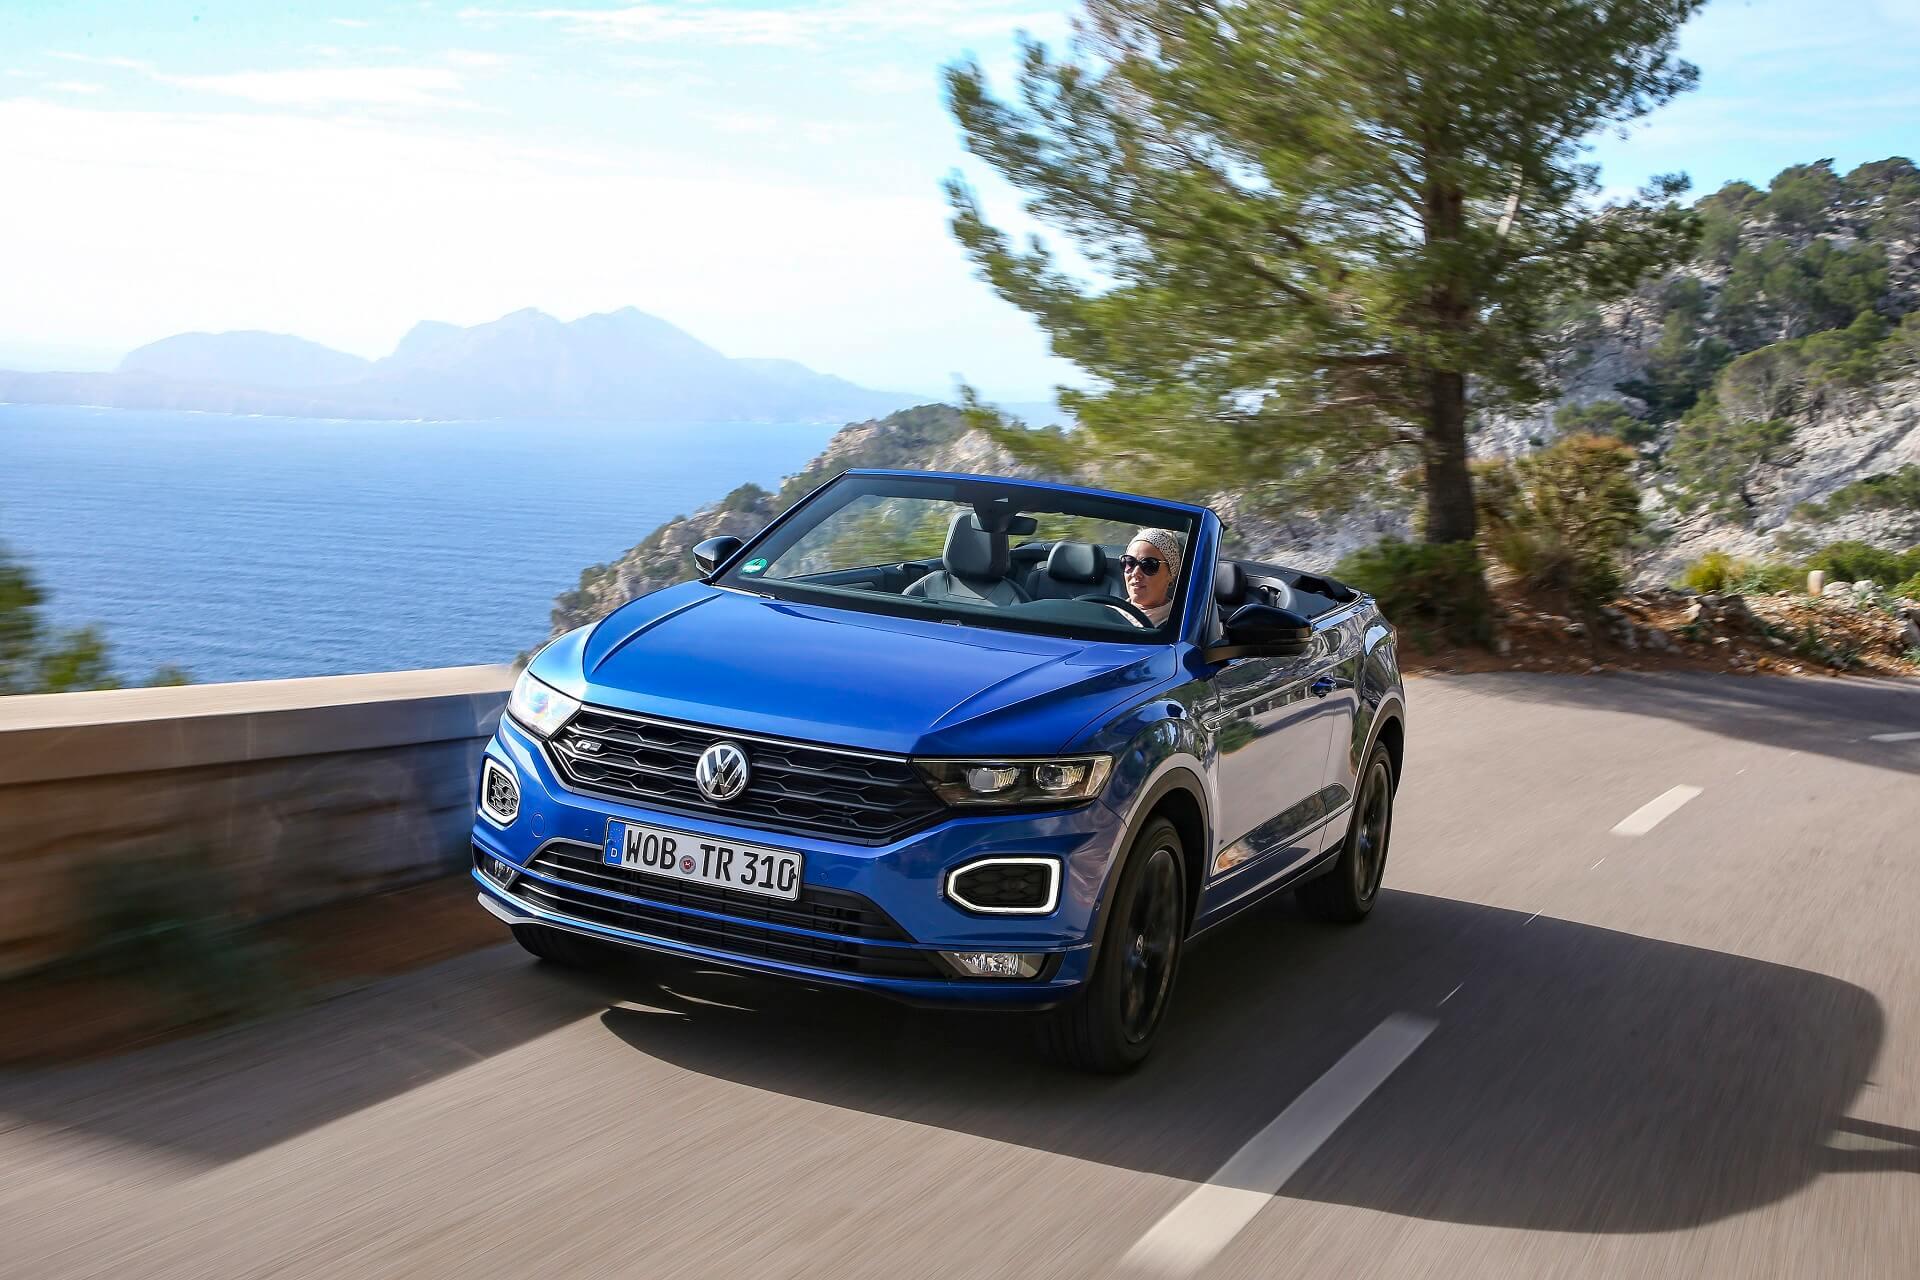 Volkswagen T-Roc Cabriolet - Βελτιωμένη οδηγική εμπειρία με θέα